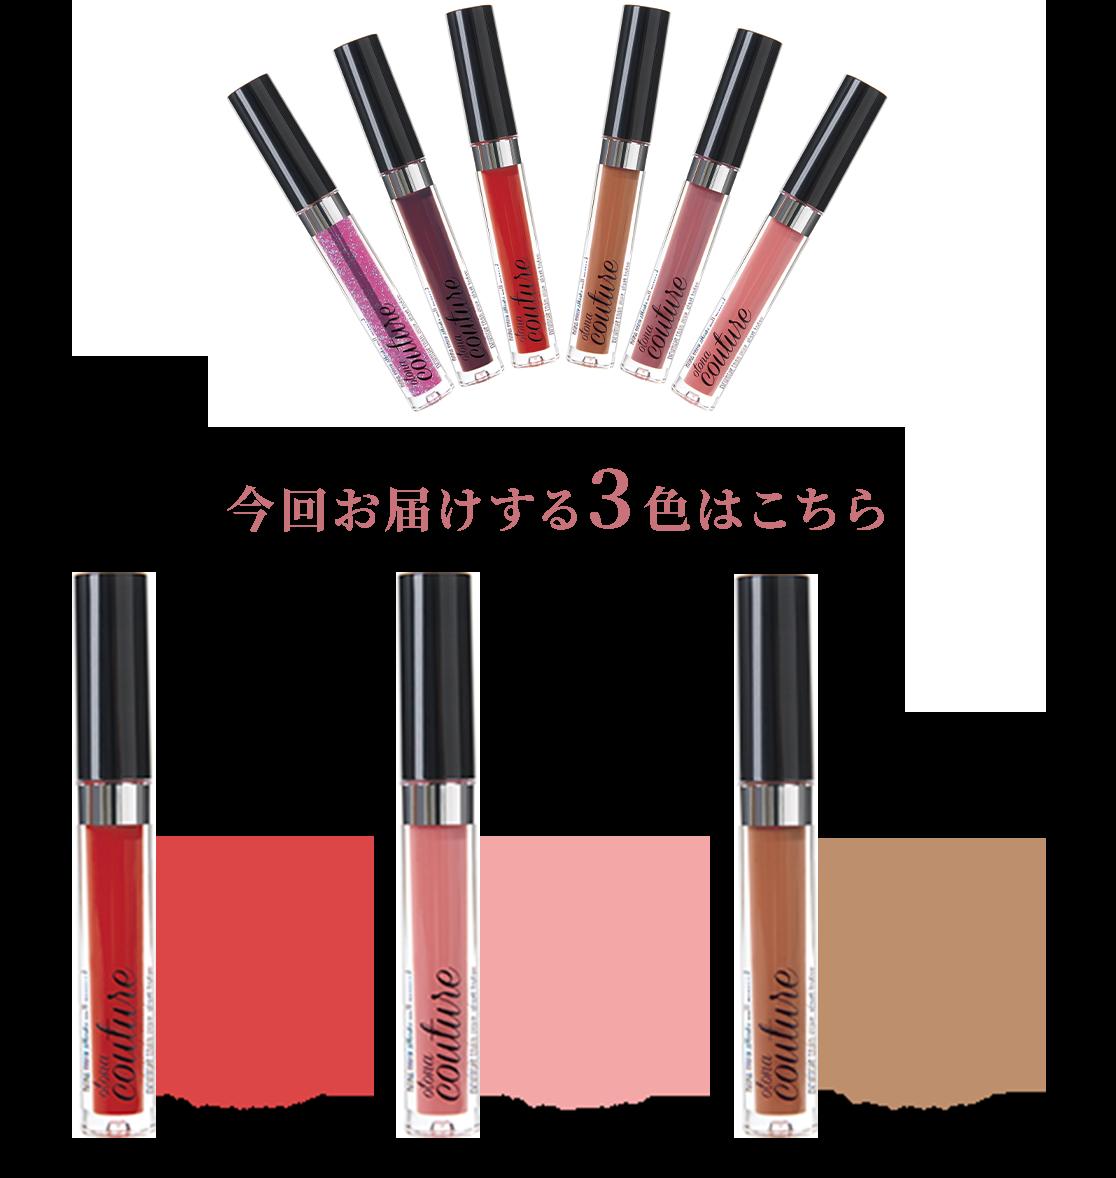 Lip Plamper リッププランパー 今回お届けする3色はこちら 10 エナメルレッド、30 コーラルピンク、40 エレガントベージュ 商品イメージ